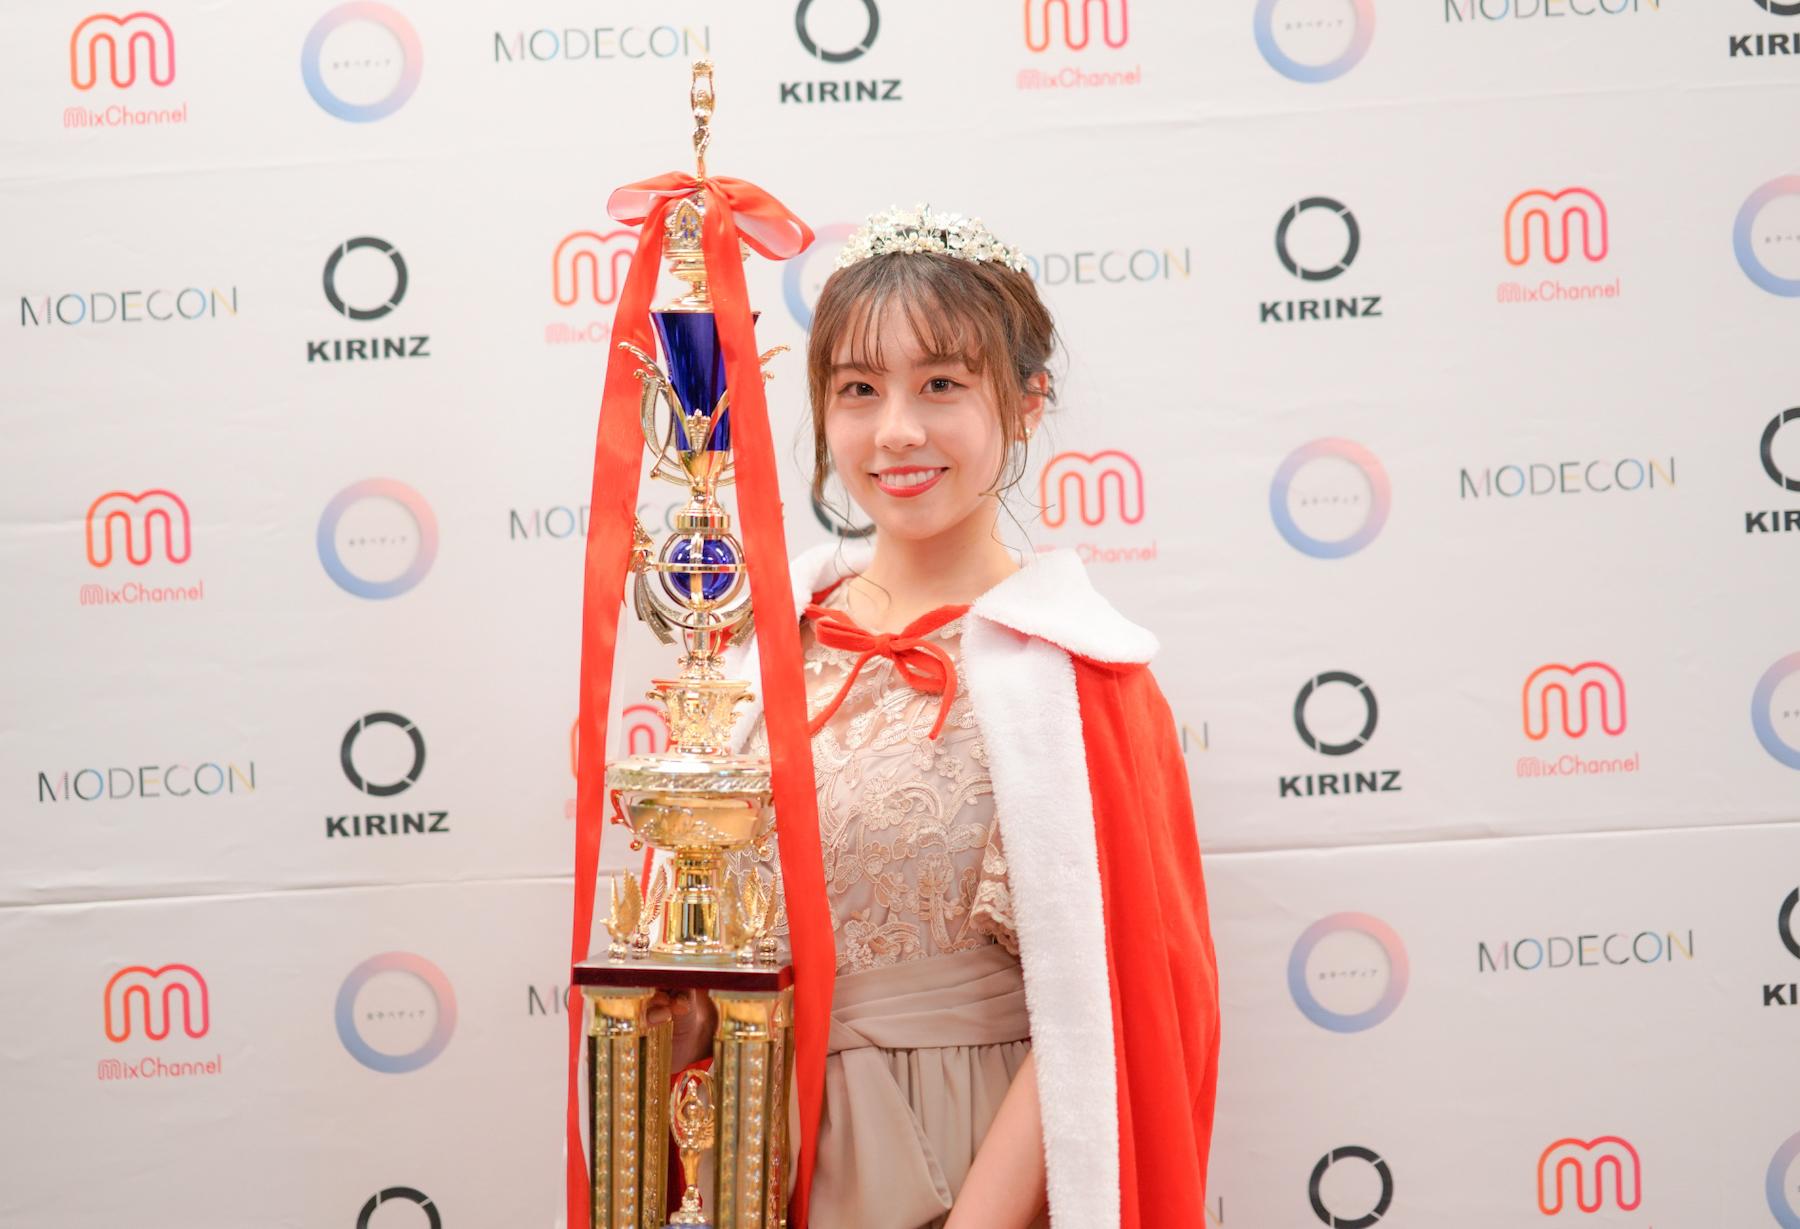 さらさん/「MODECON New Face GP 2019」グランプリ(2020年3月27日)